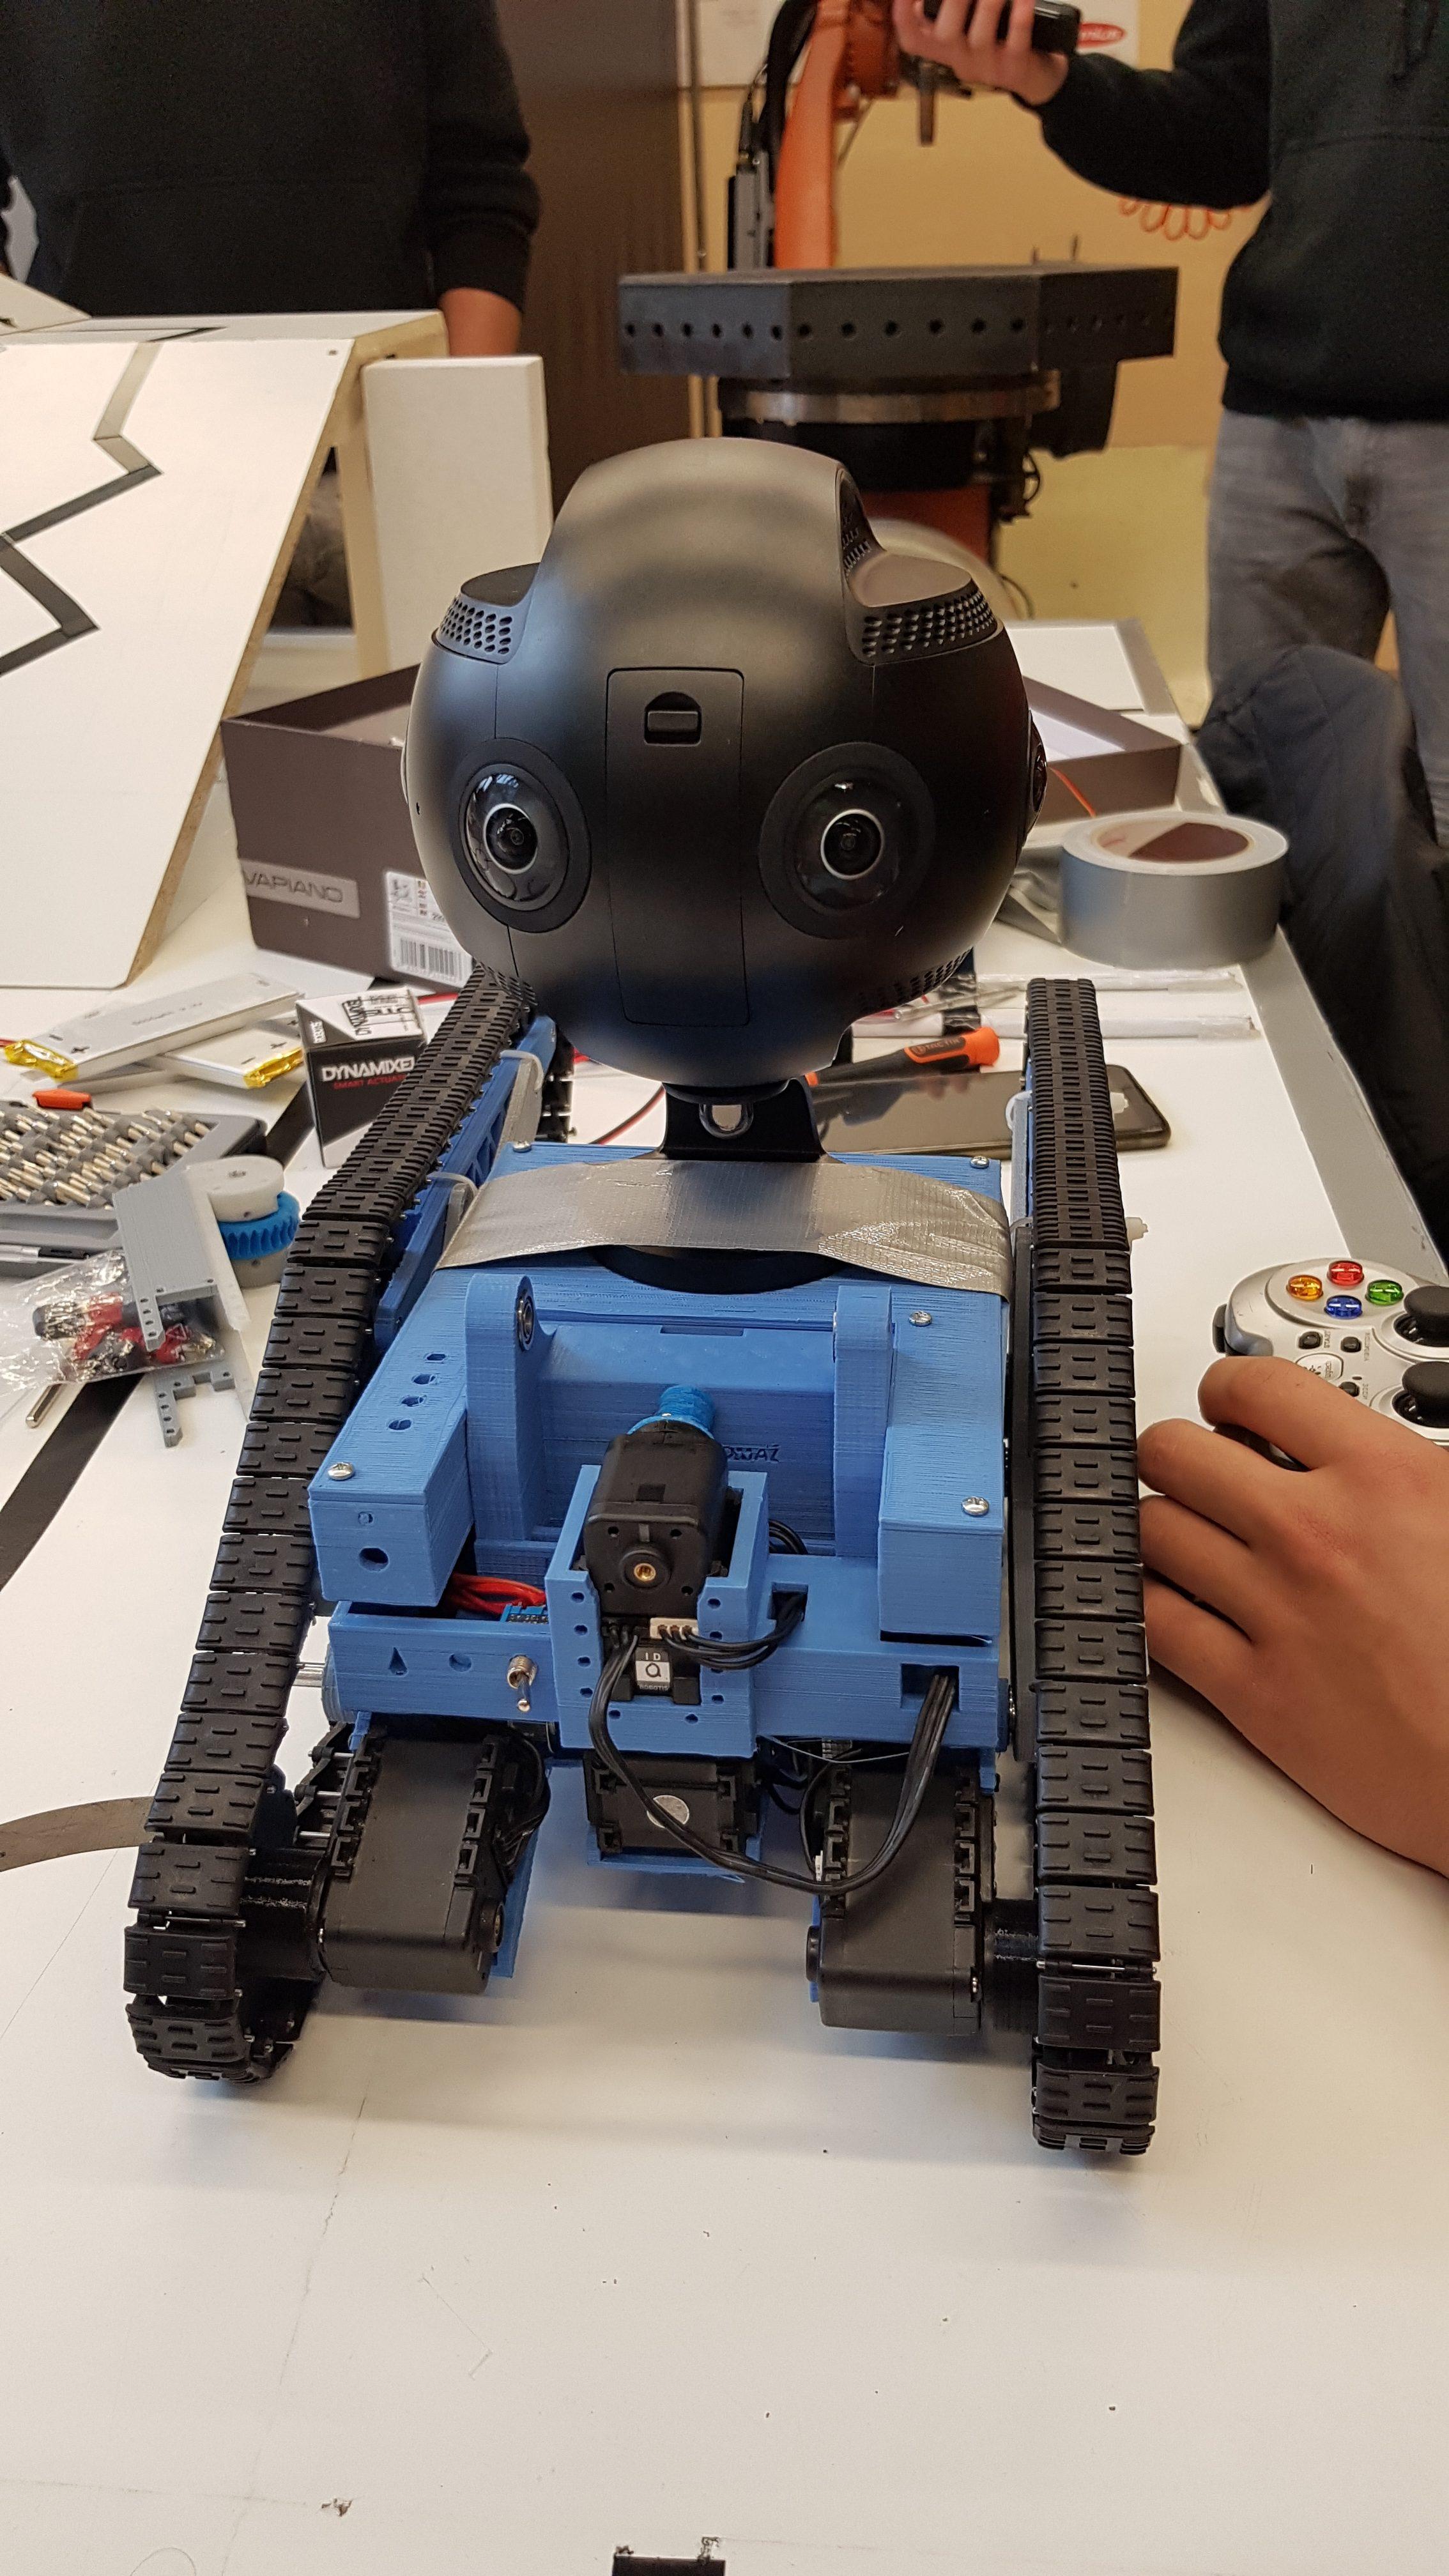 Celjska srednja šola na svetovnem prvenstvu RoboCup Rescue v avstralskem Sydneyu